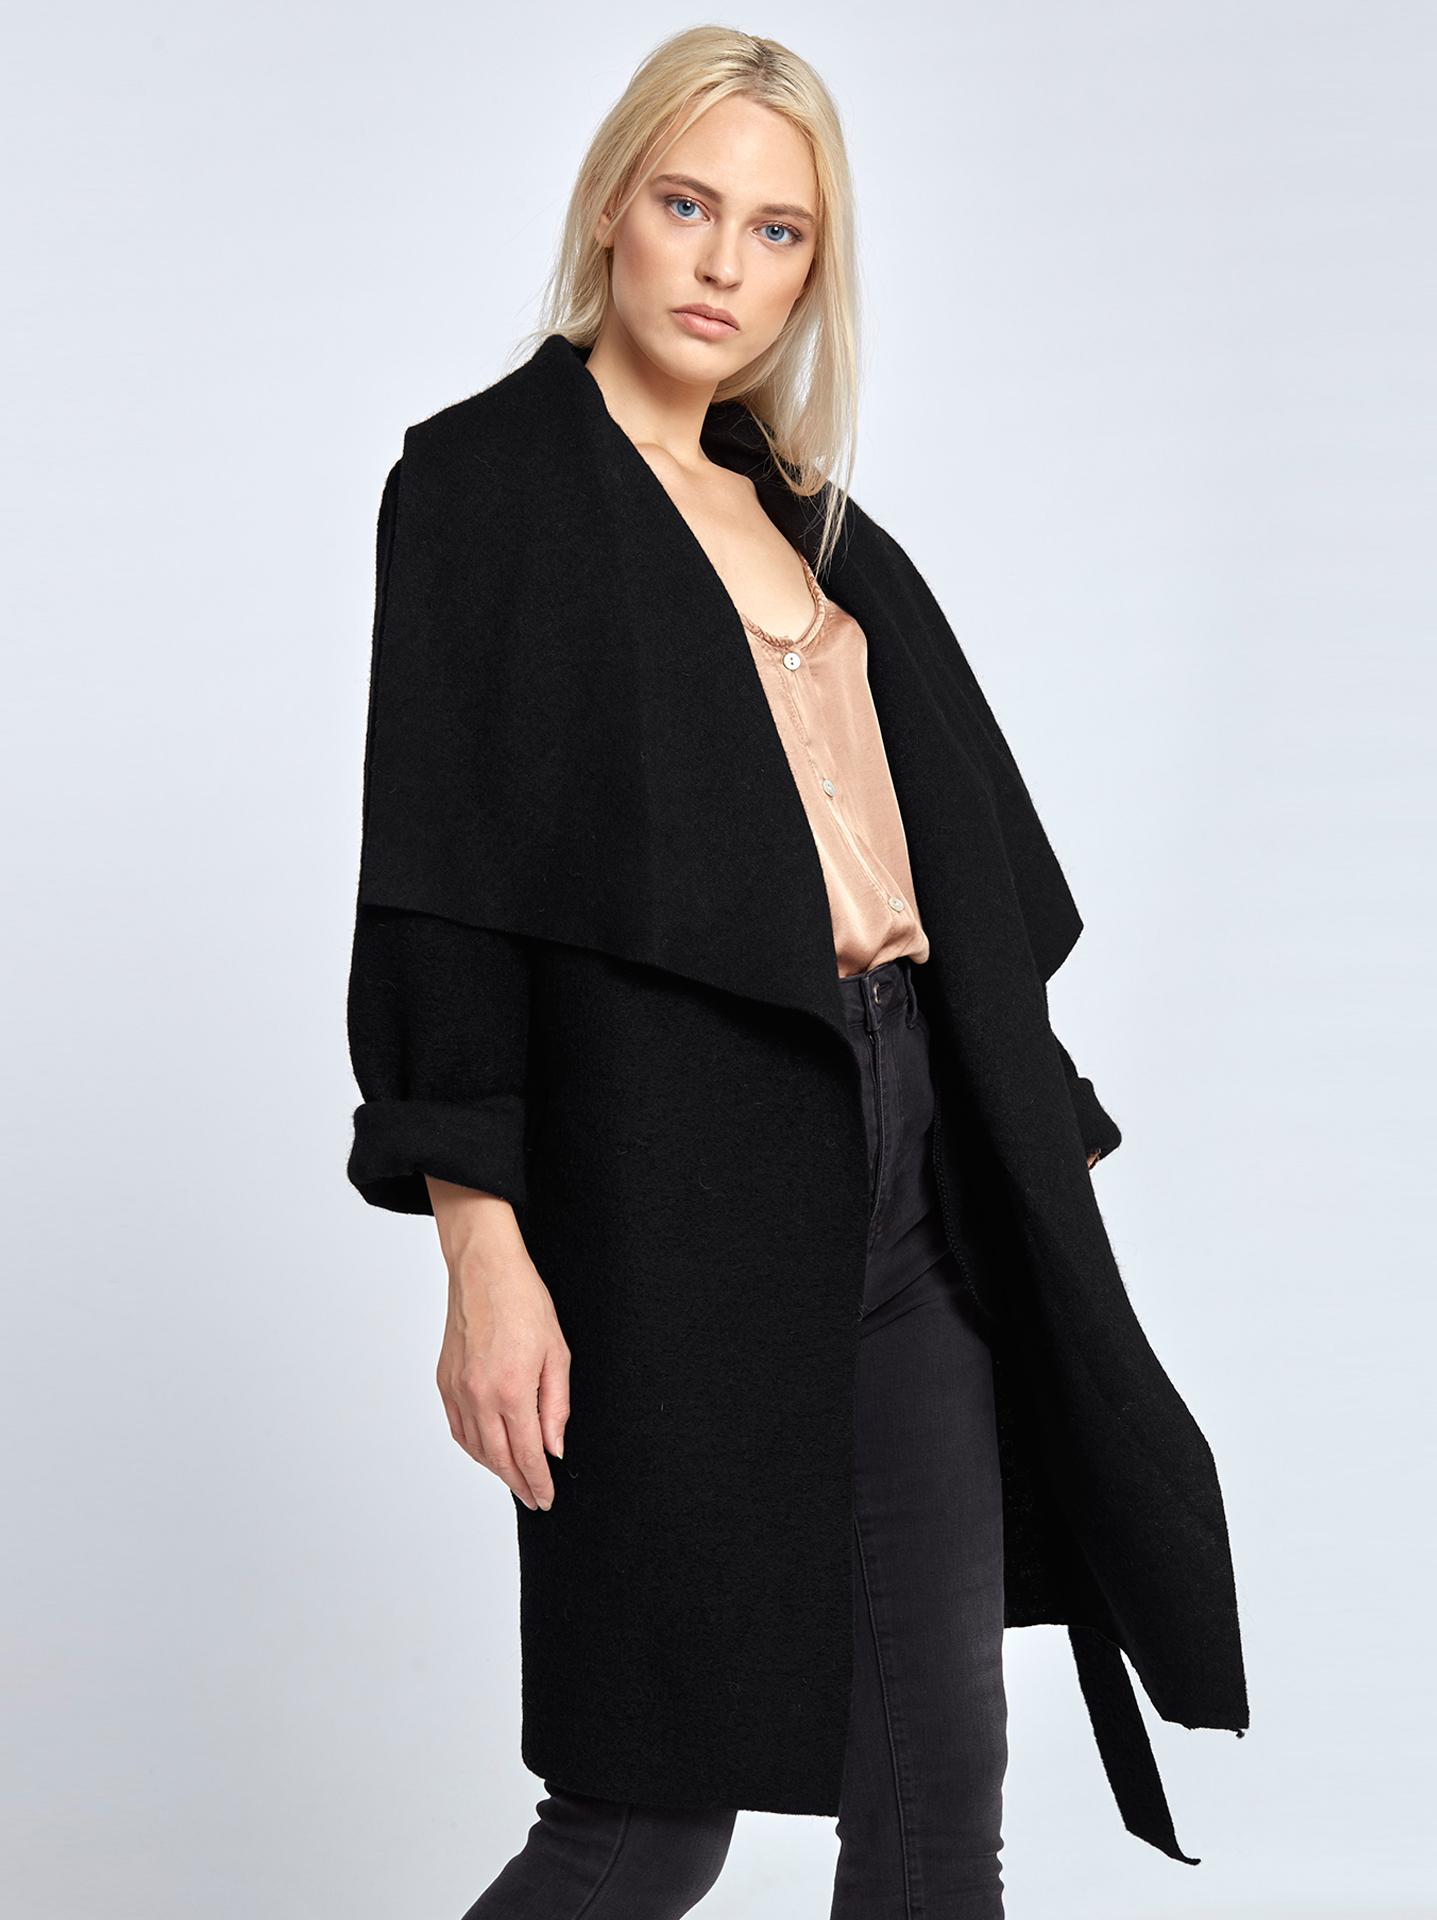 Μπουκλέ παλτό με ζώνη σε μαυρο 0bb0d183316